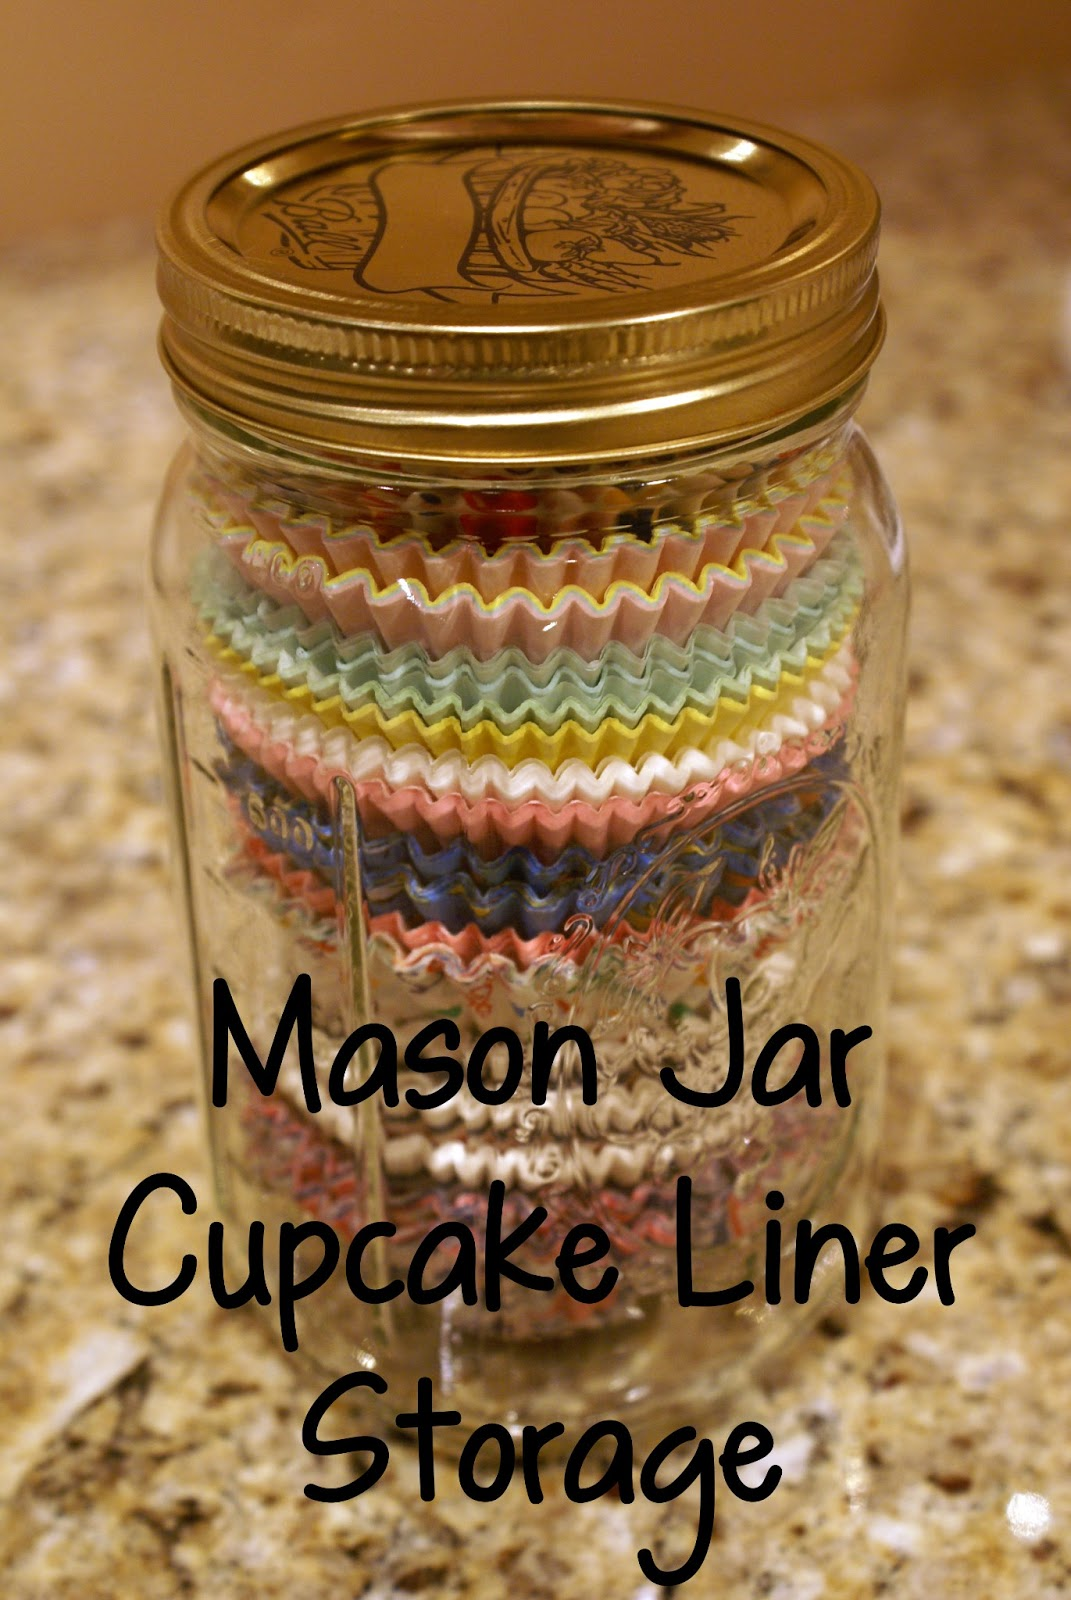 Mason Jar Cupcake Liner Storage